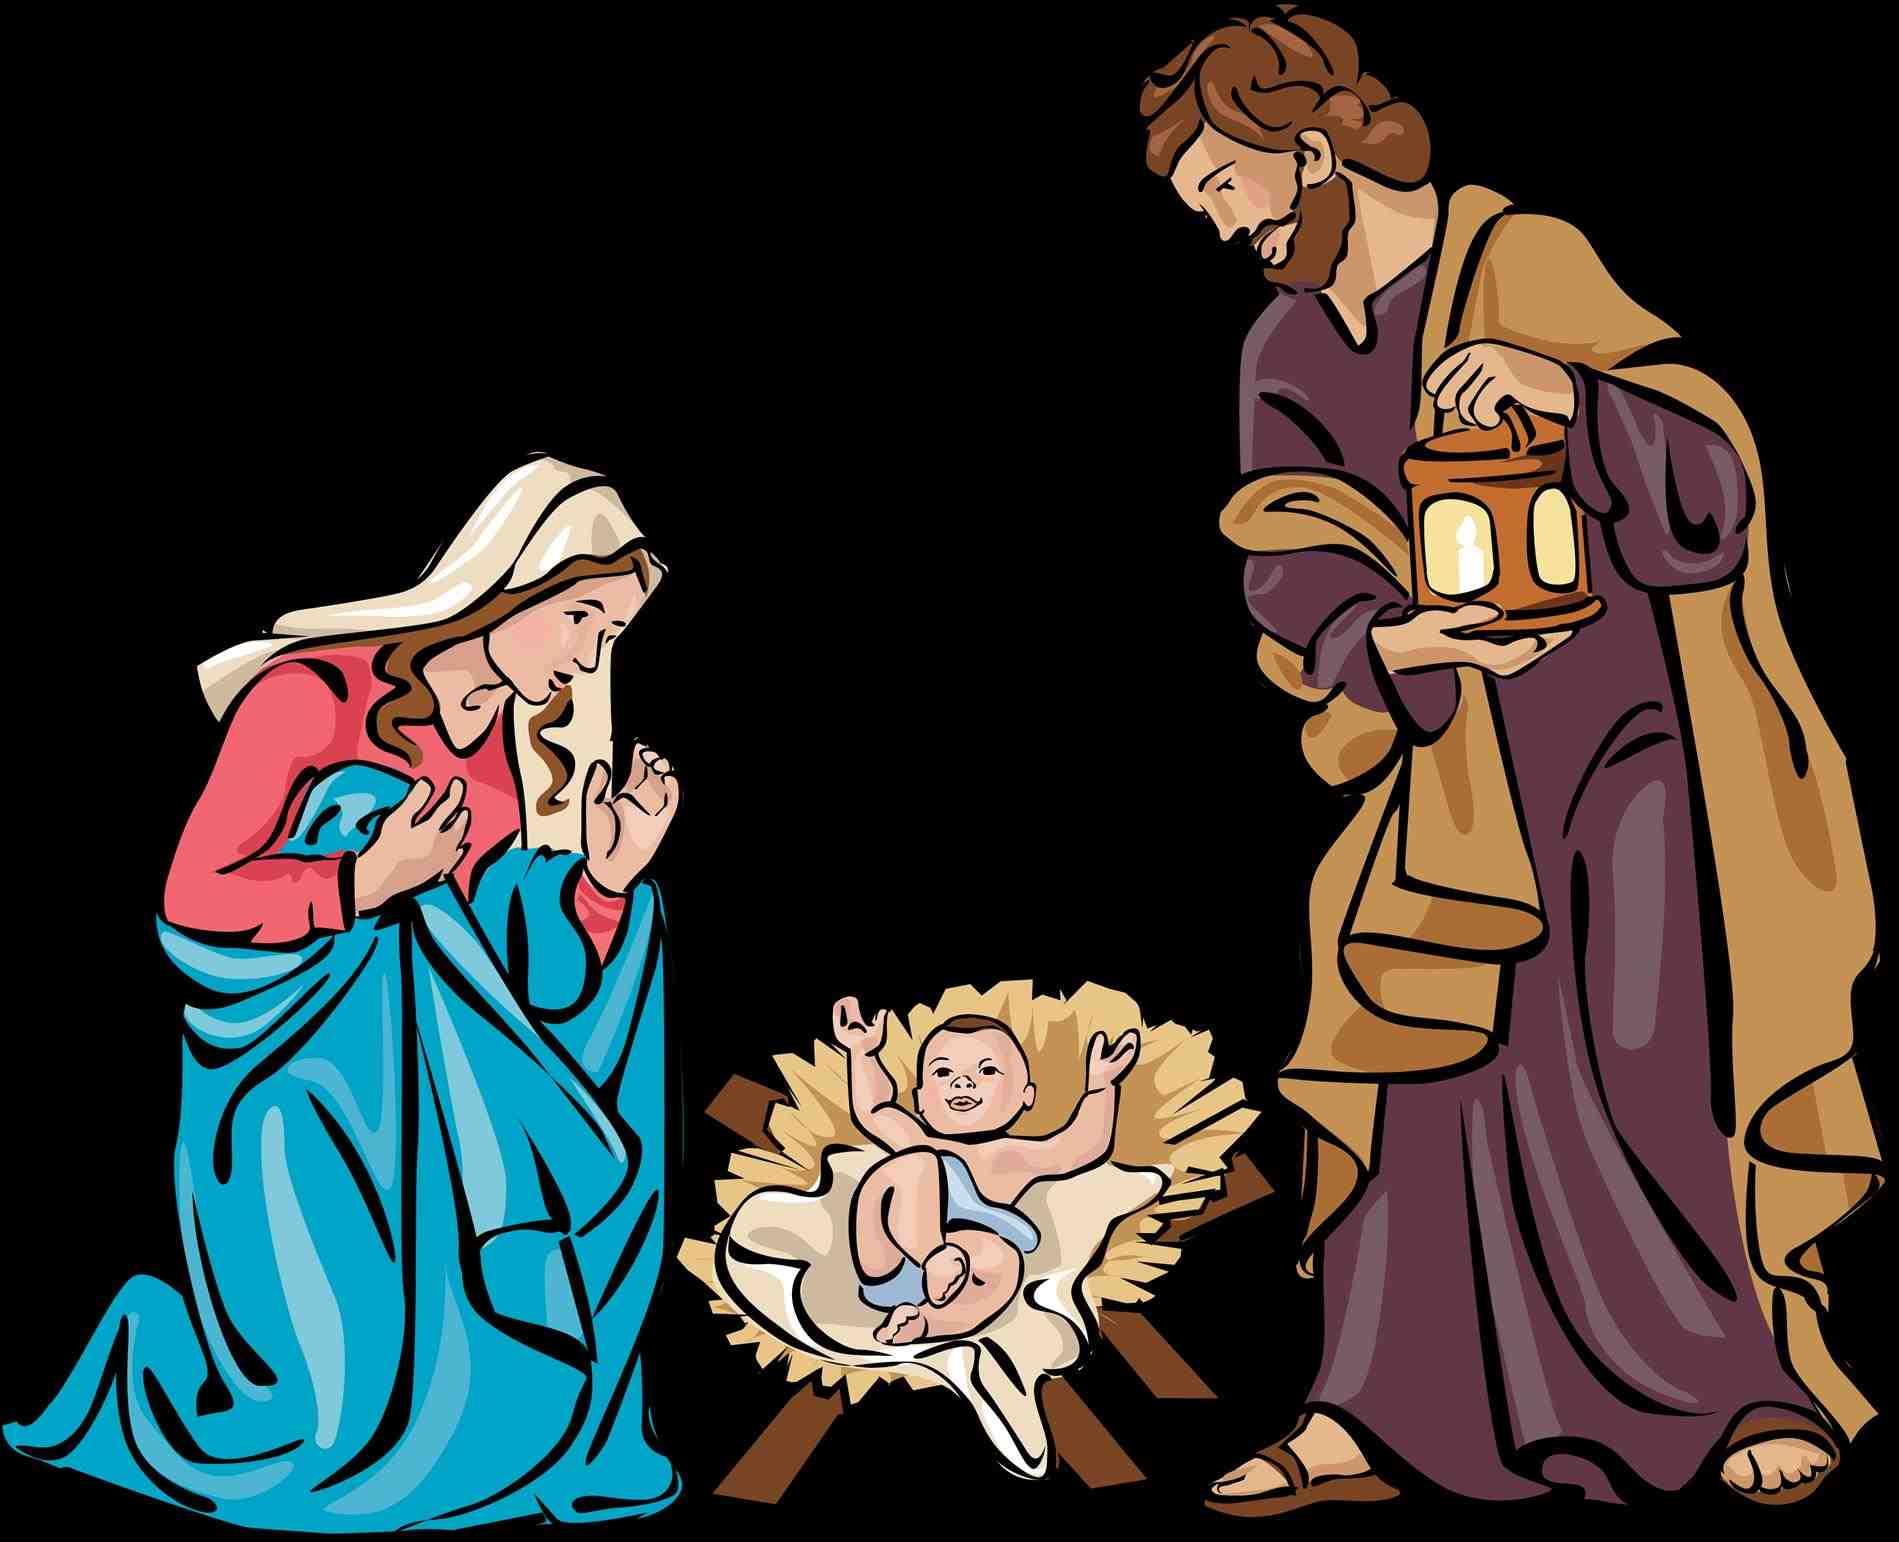 Free catholic christmas clipart image transparent download Catholic Christmas Clipart | Free download best Catholic Christmas ... image transparent download